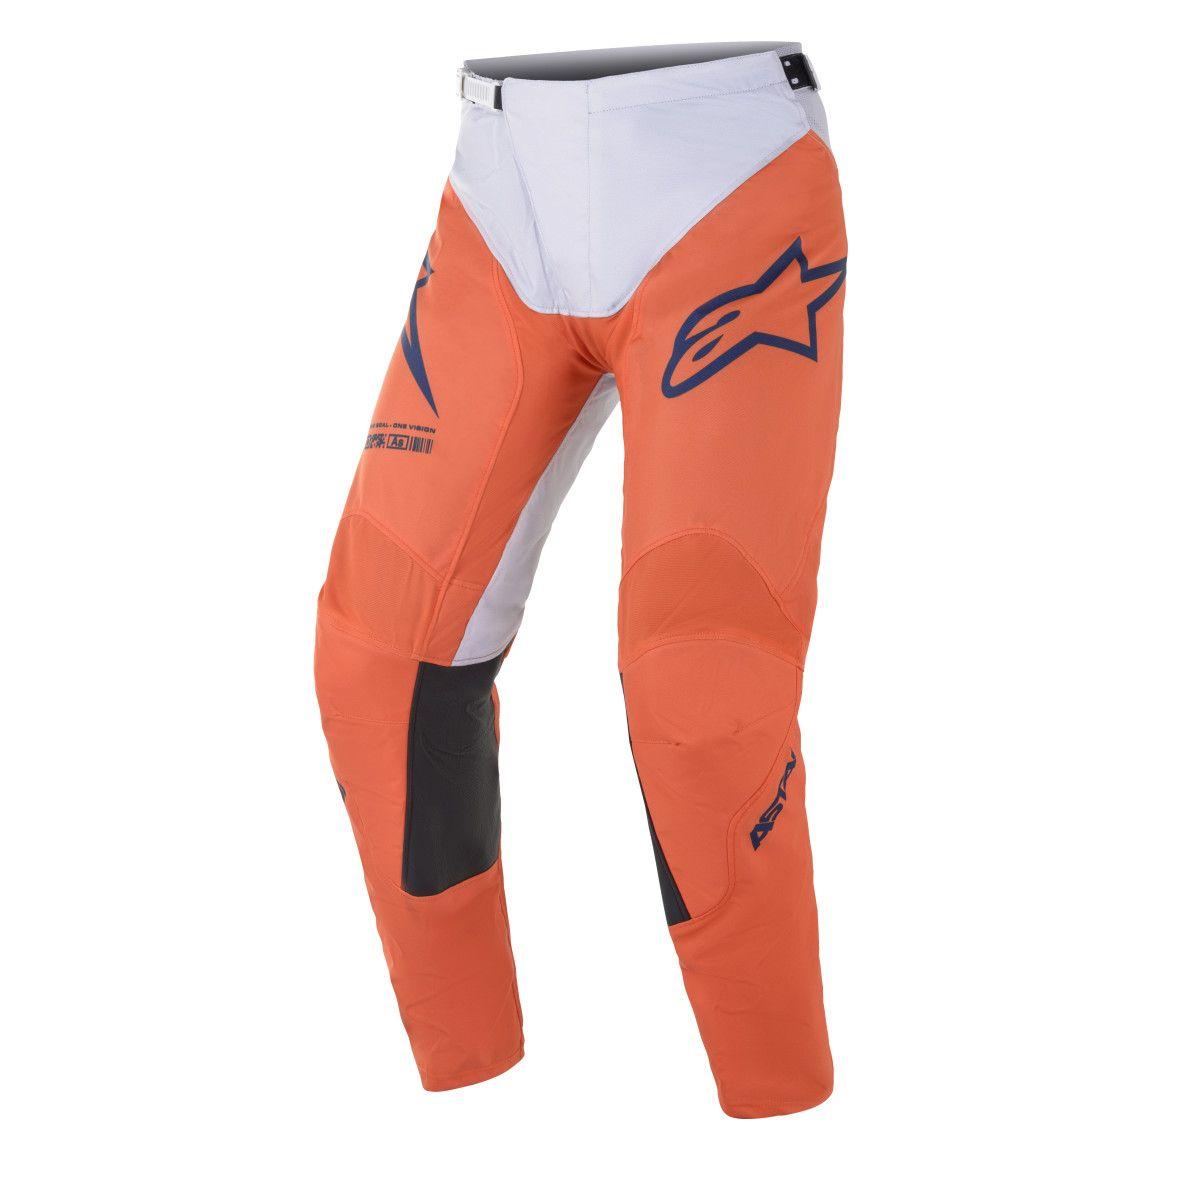 Alpinestars Crossbroek Racer Braap Orange/White